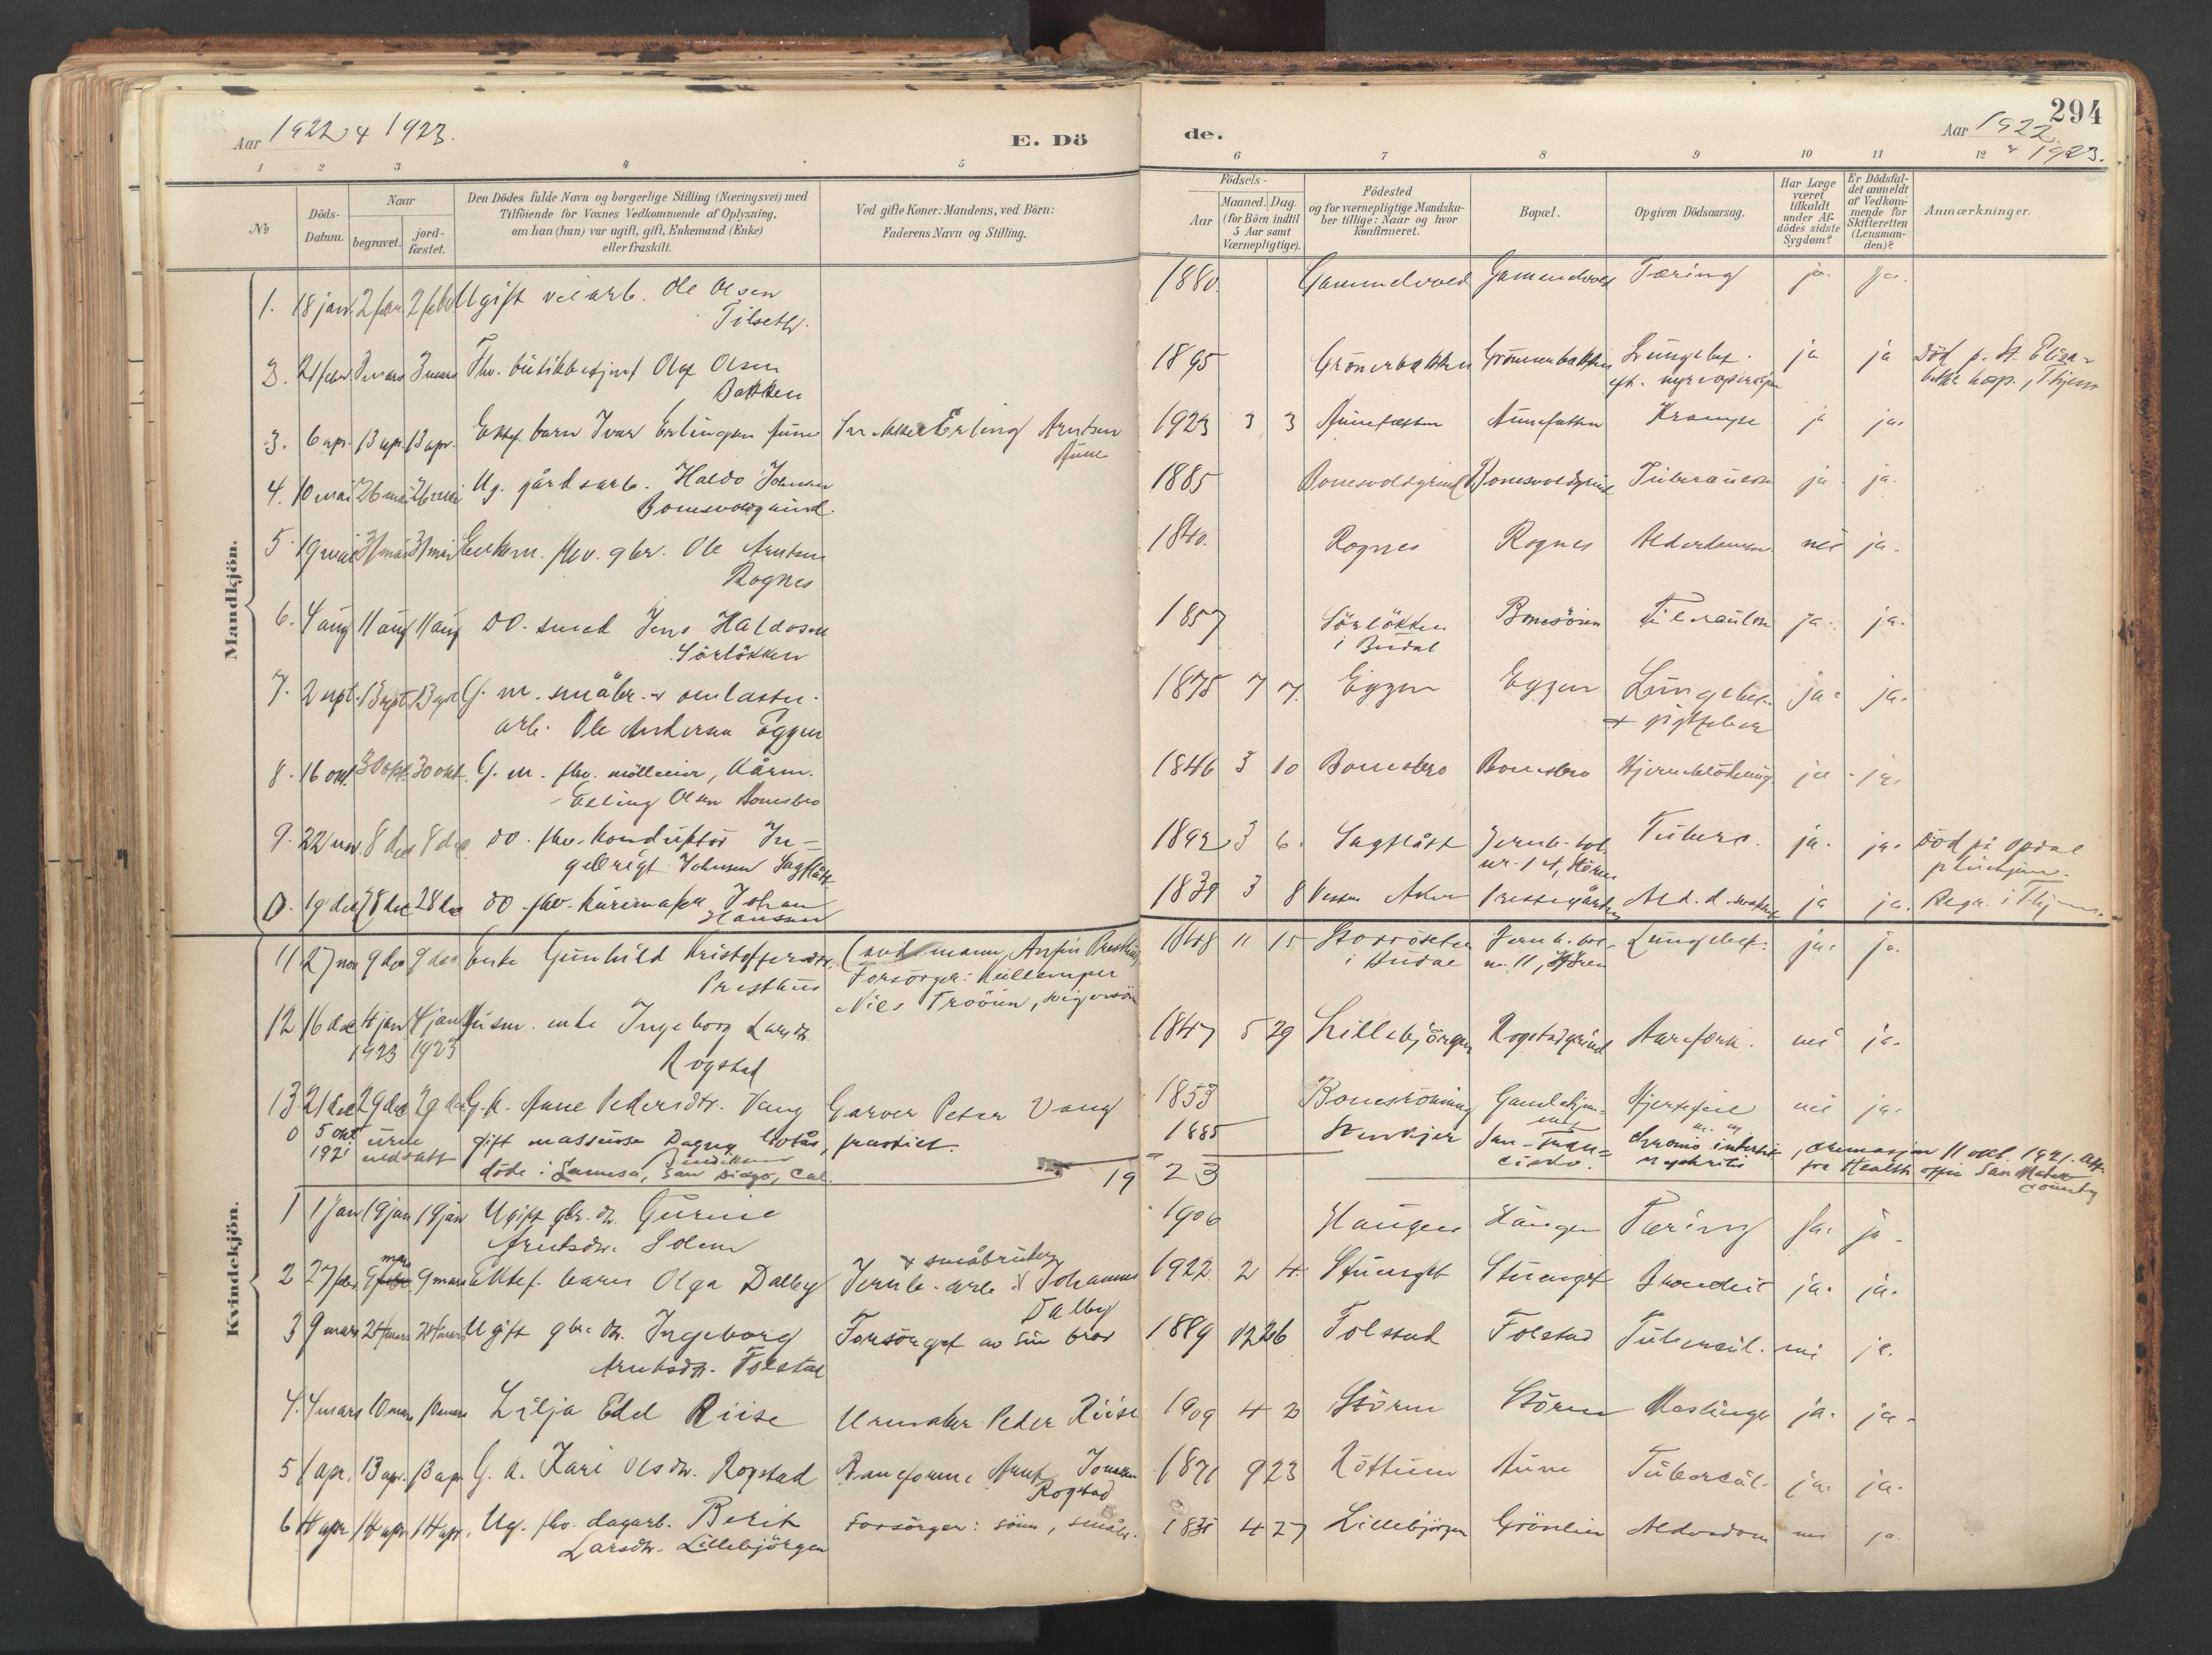 SAT, Ministerialprotokoller, klokkerbøker og fødselsregistre - Sør-Trøndelag, 687/L1004: Ministerialbok nr. 687A10, 1891-1923, s. 294